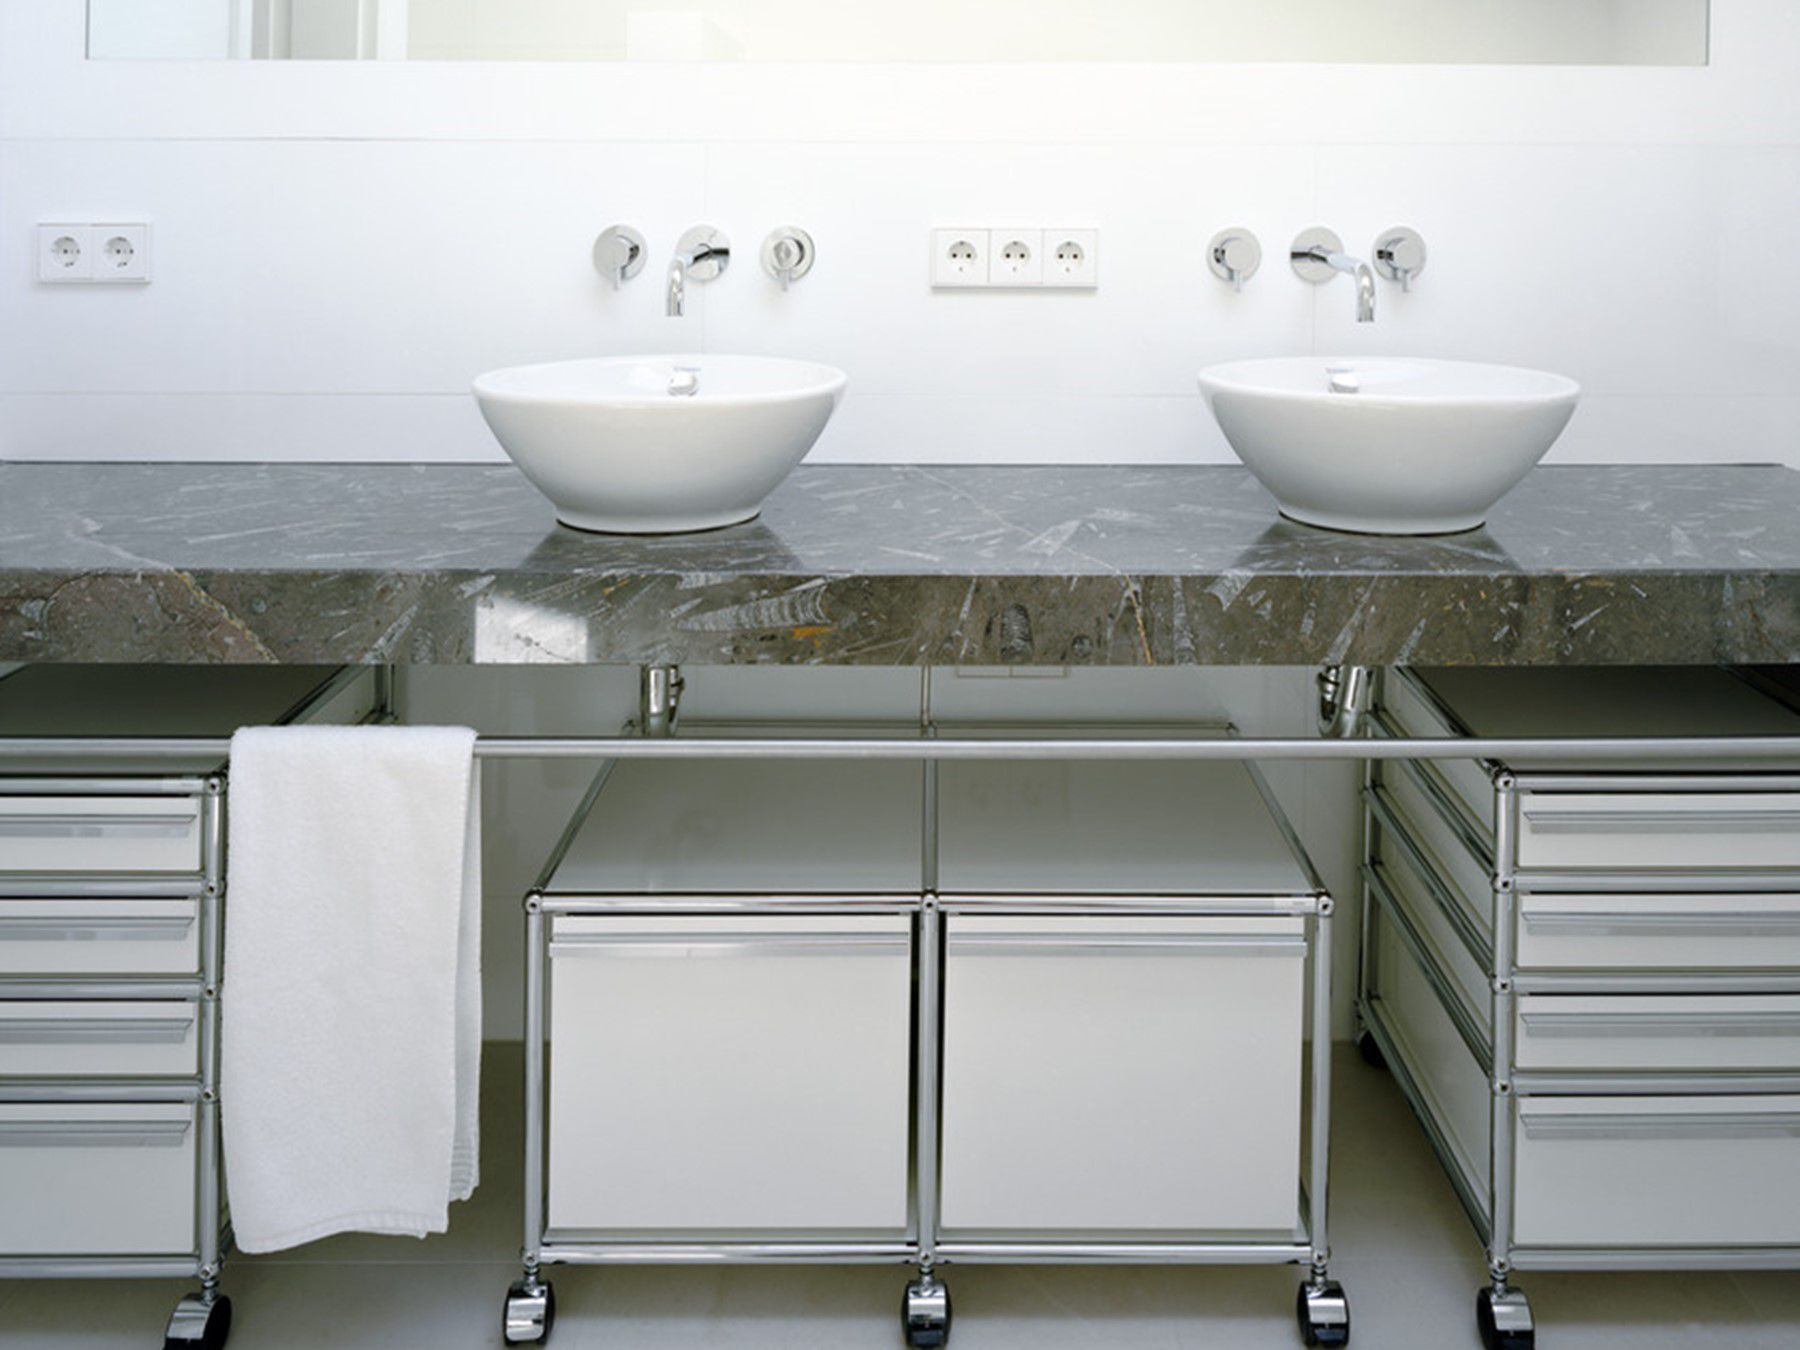 Mobel Salle De Bain meuble bas de salle de bain / à poser - haller - usm modular